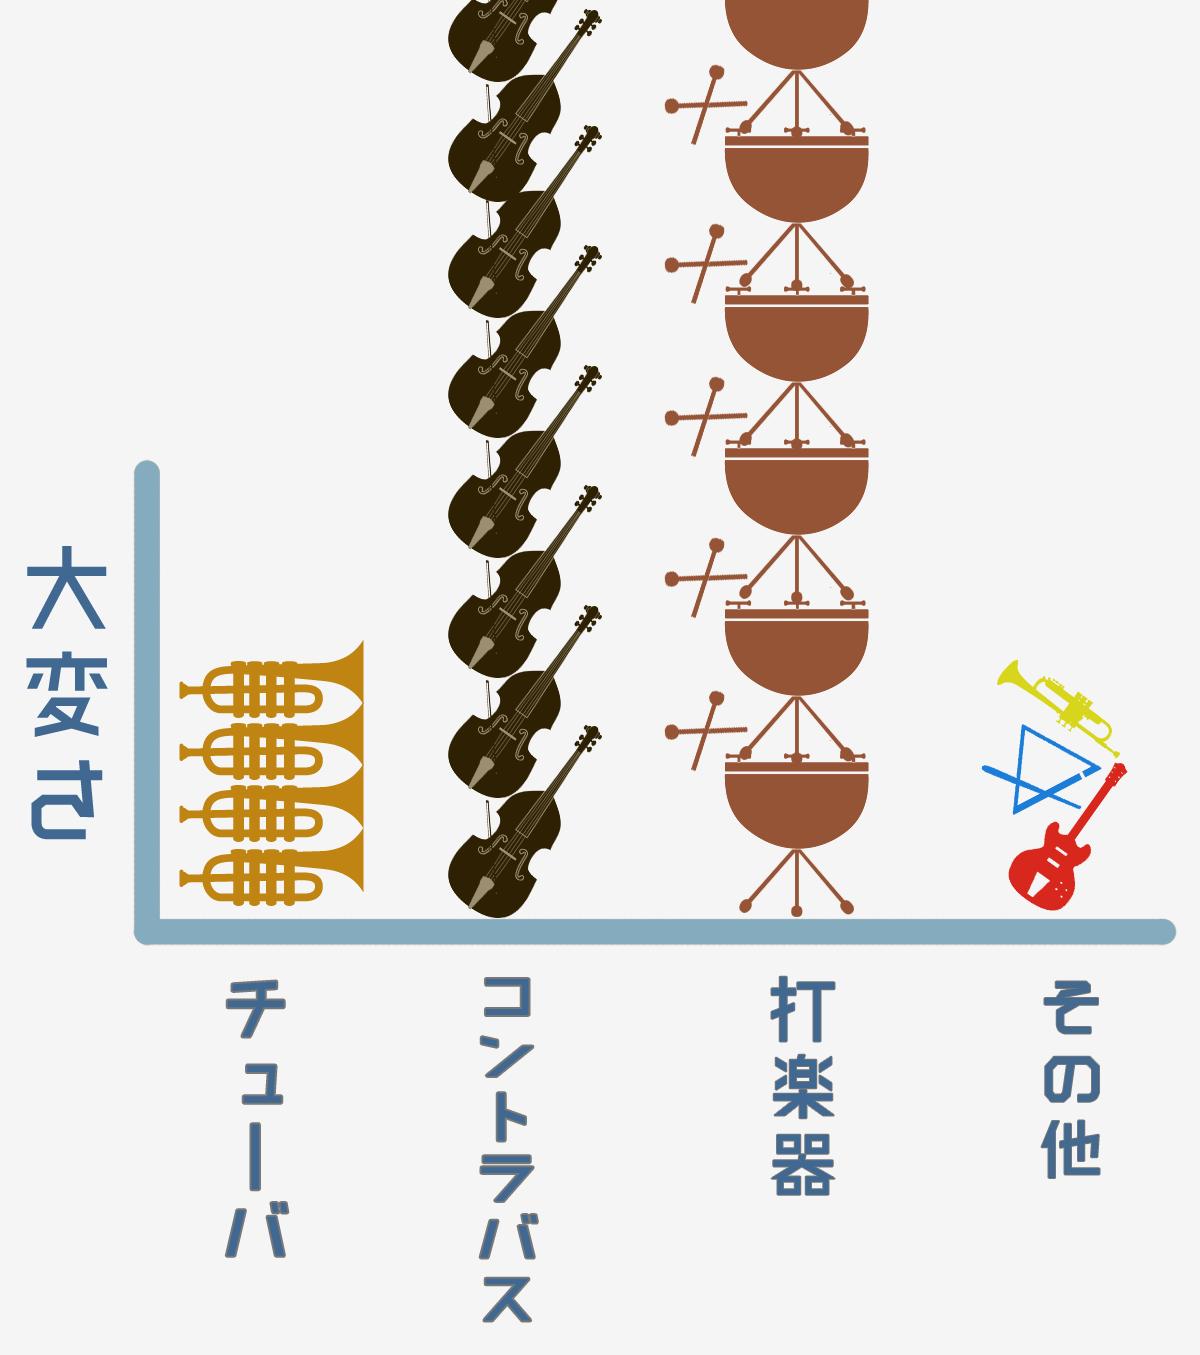 楽譜は解読困難になっていく 吹奏楽部にしかわからない12のグラフ Starthome